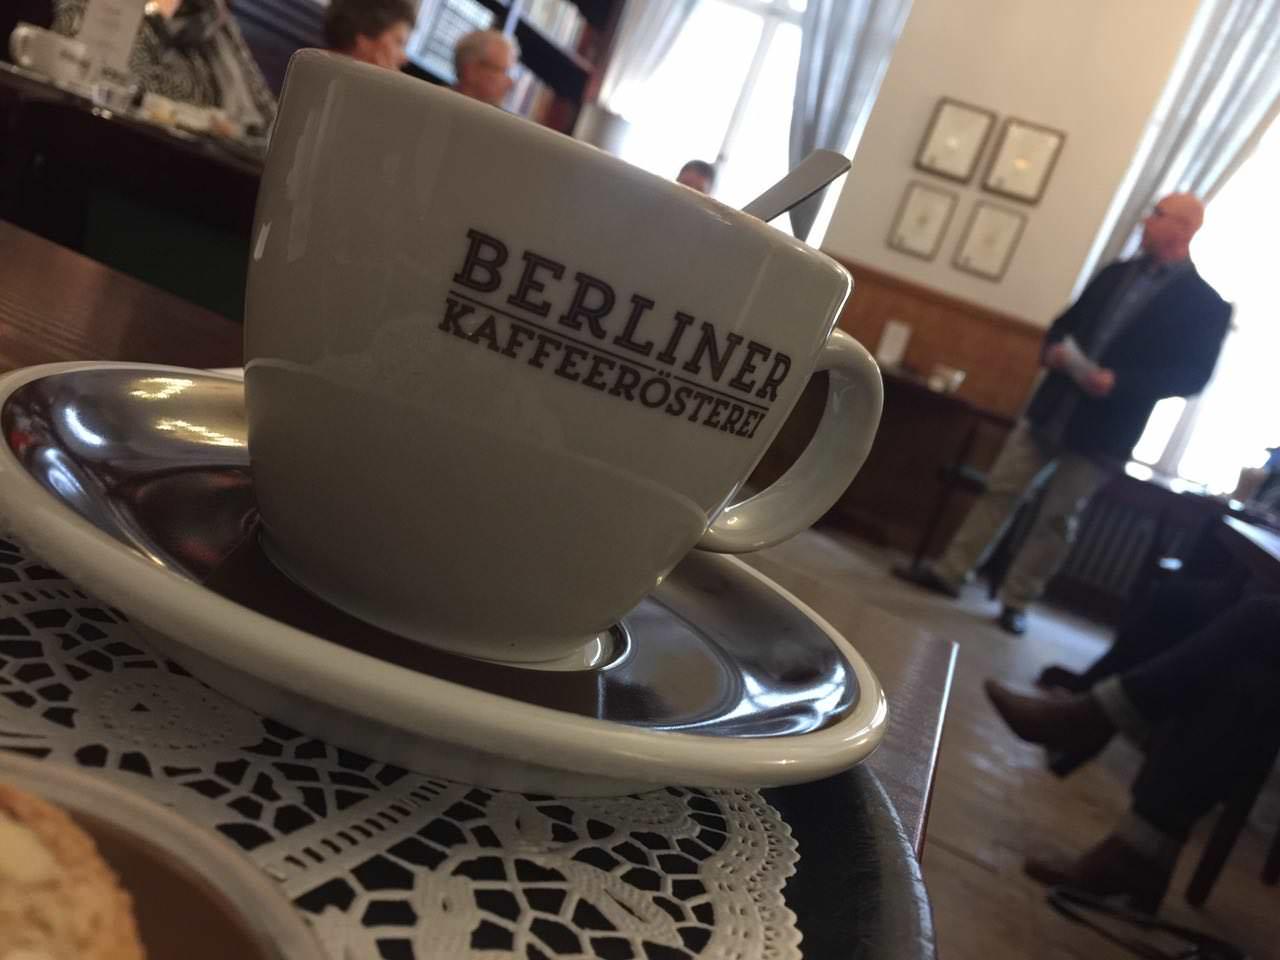 Am 4. Montag des Monats verschlägt es uns immer in die Berliner Kaffeerösterei